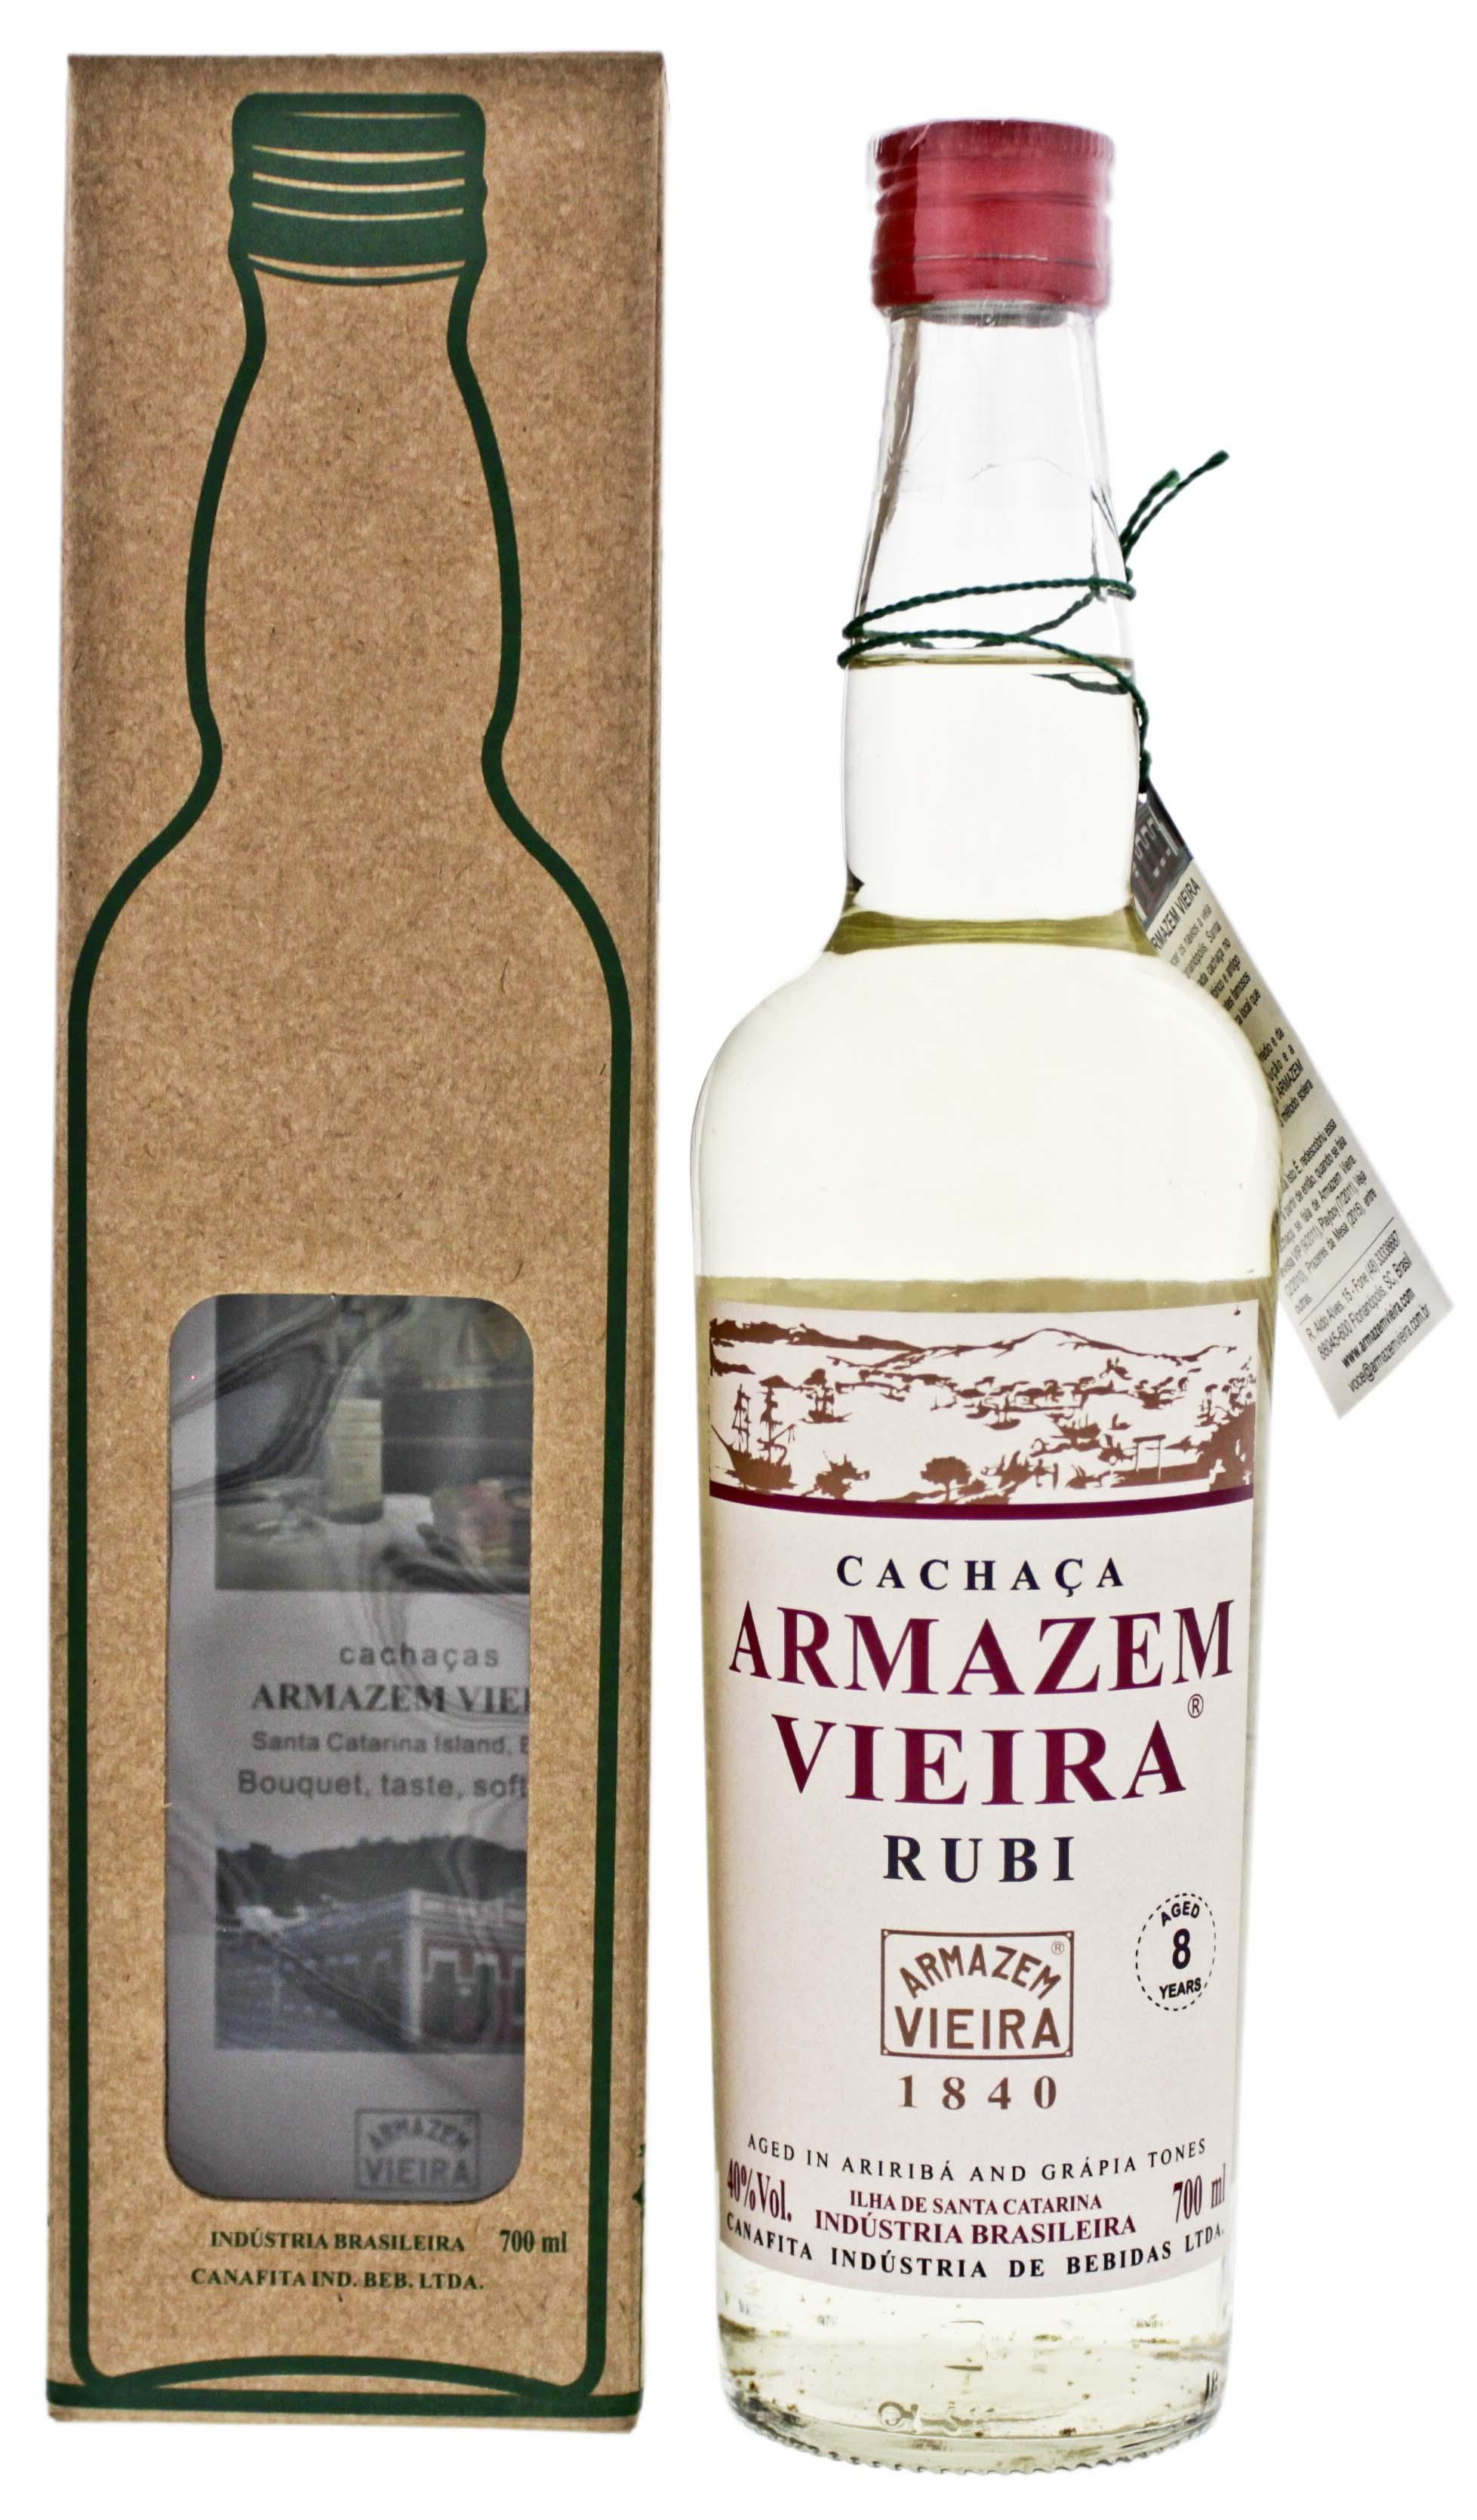 Armazem Vieira Rubi 0,7L